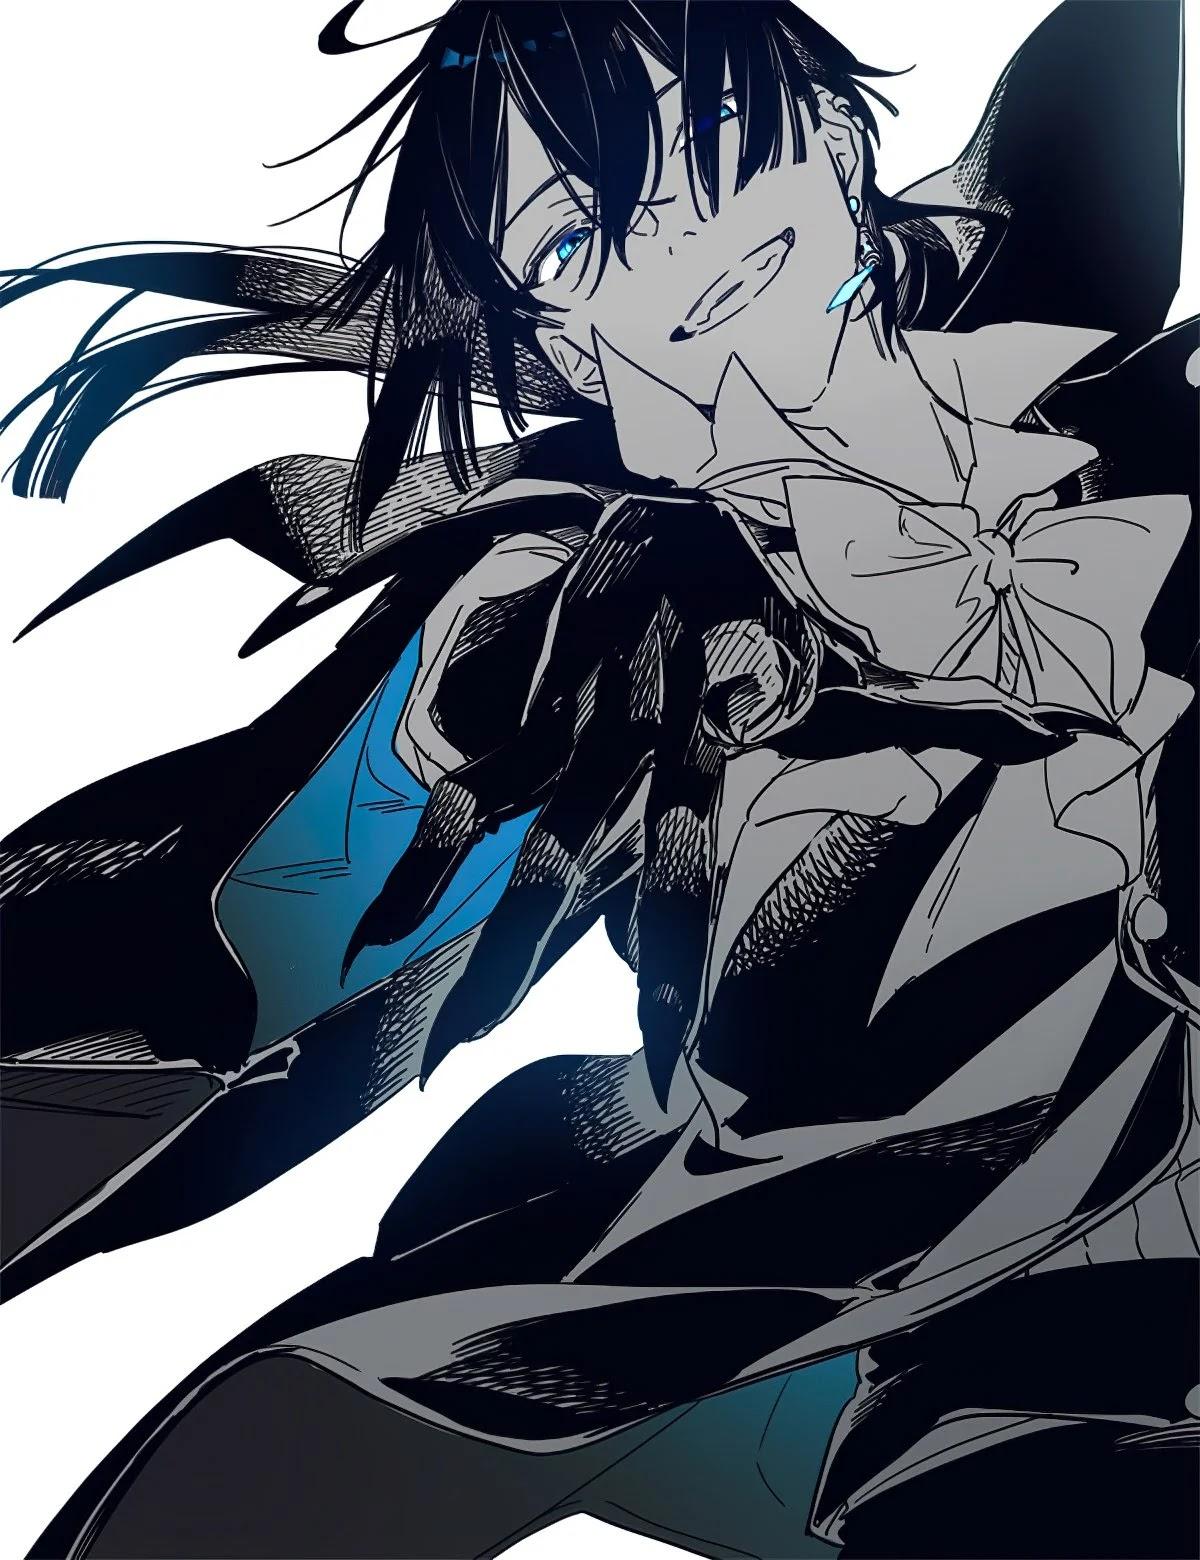 Segunda parte do Anime Vanitas no Carte estreia em Janeiro de 2022